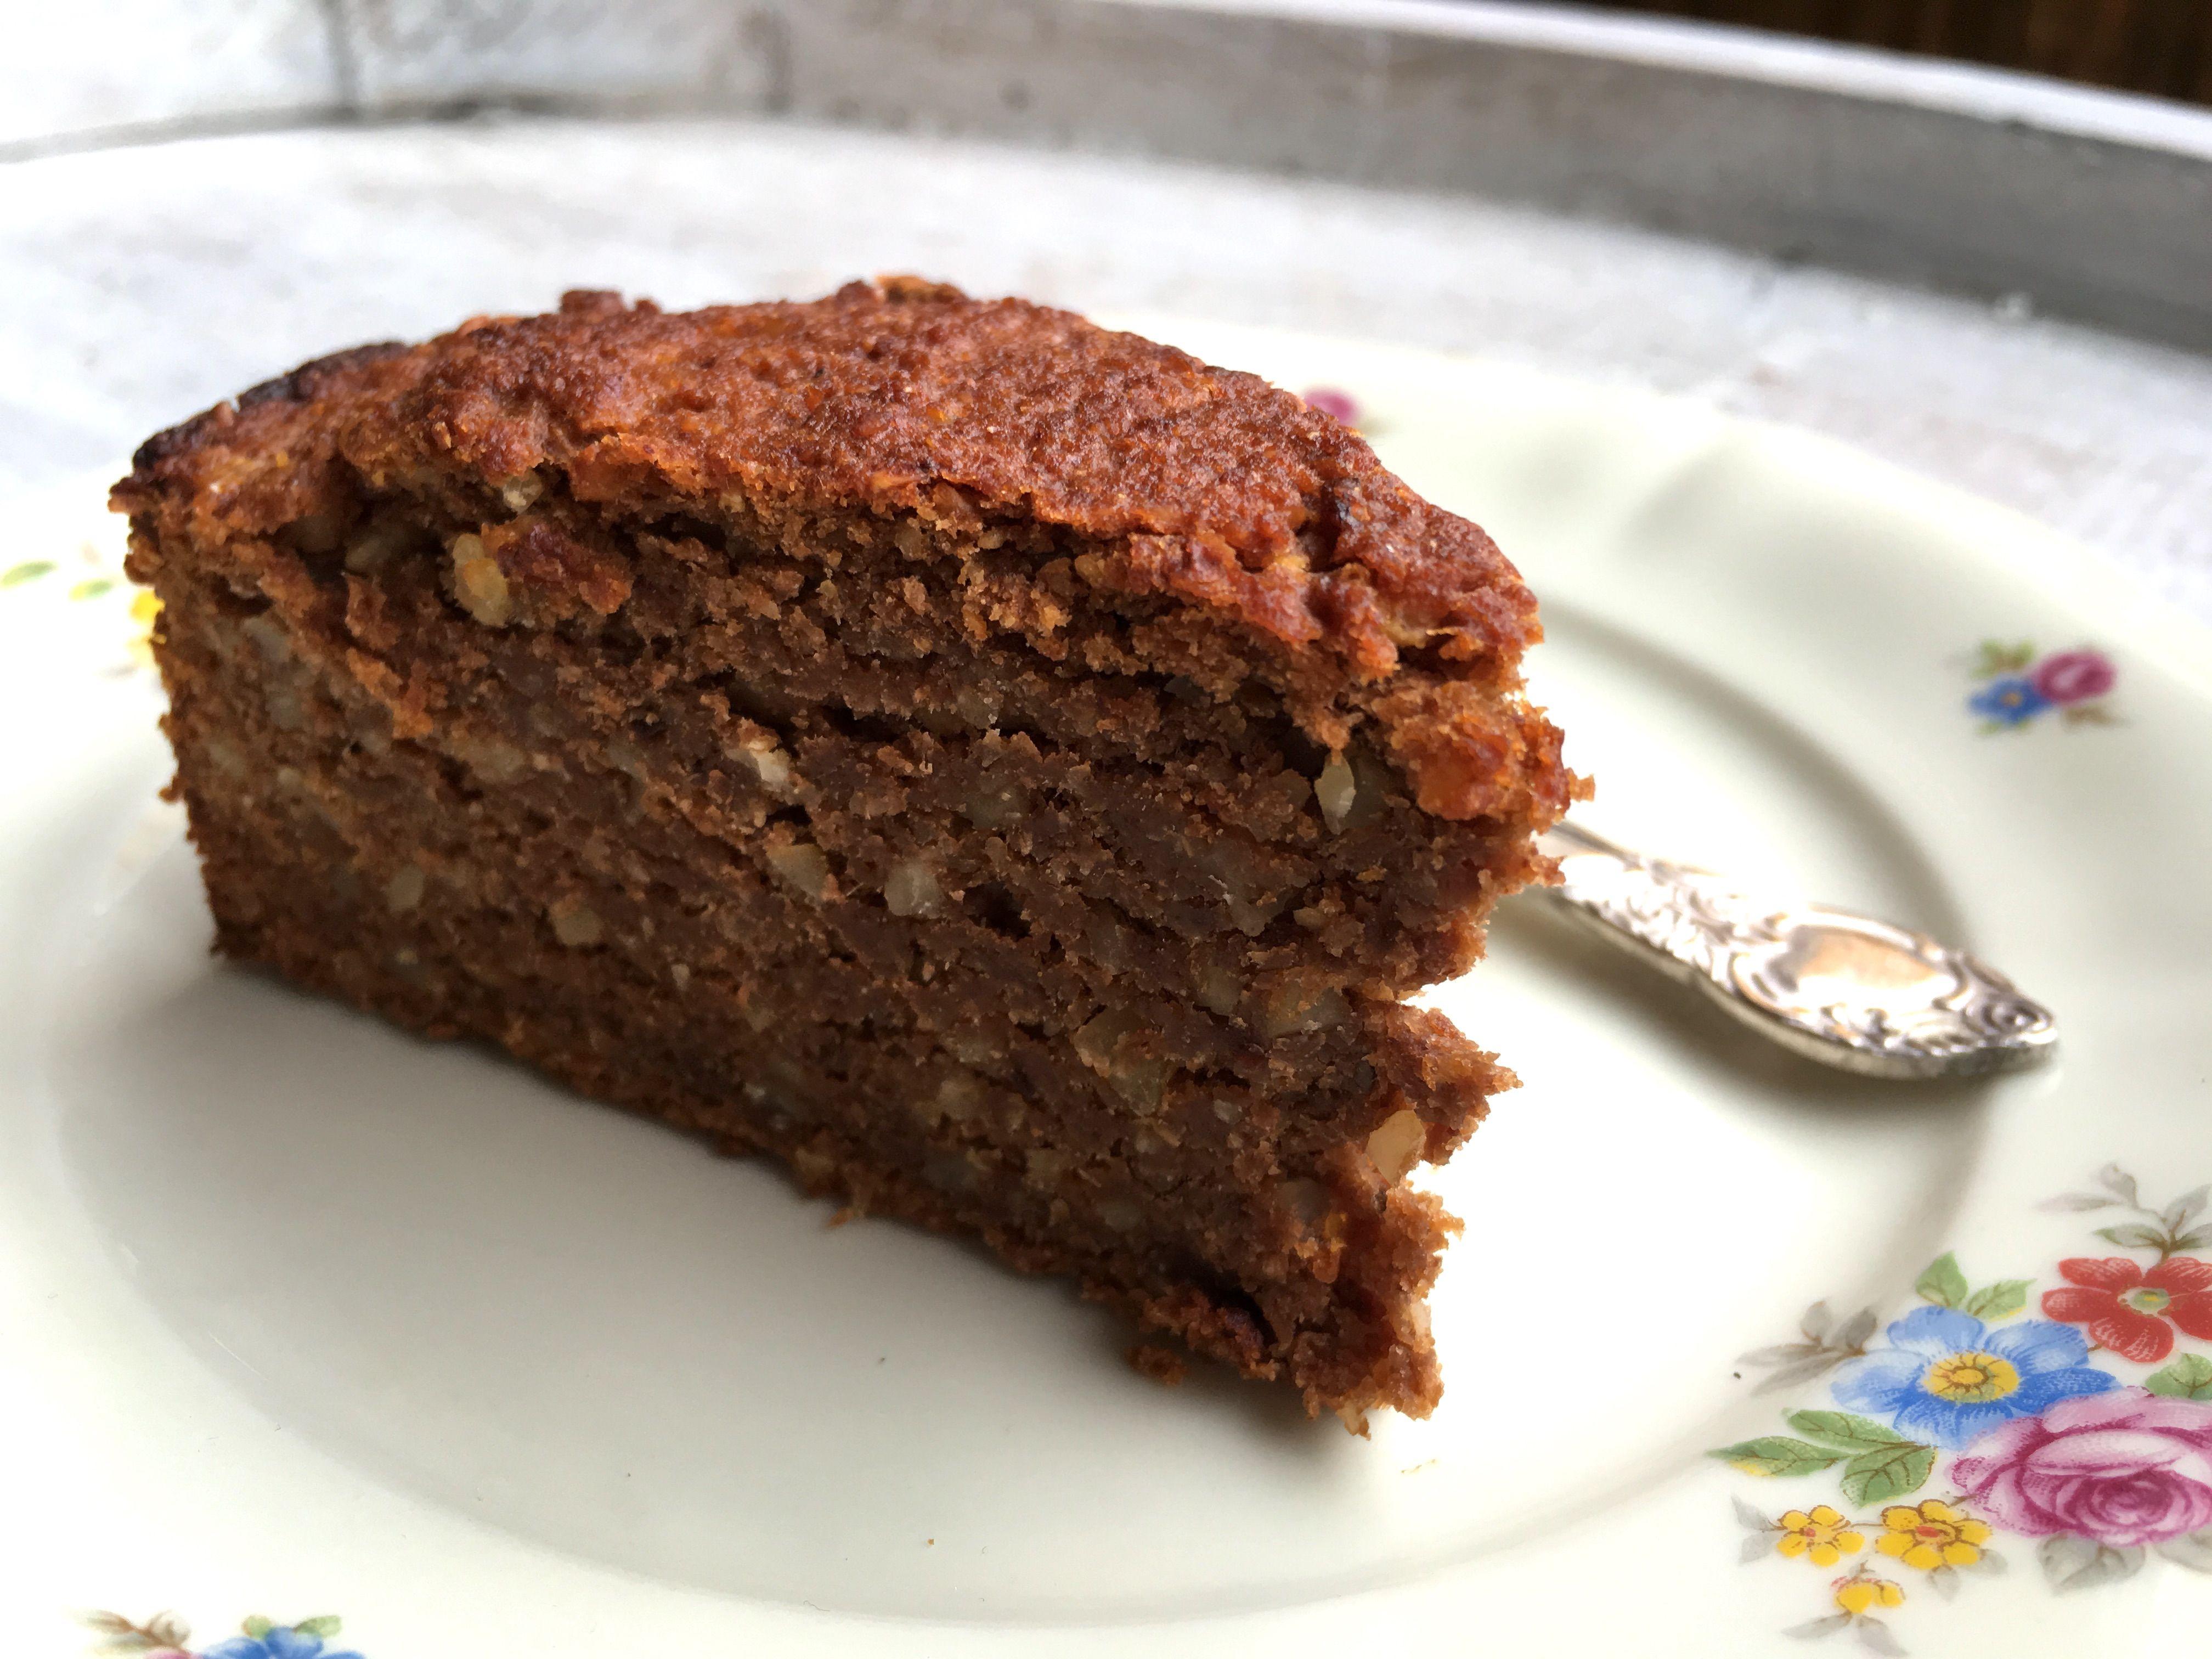 Veganer Saftiger Schokoladen Nuss Kuchen Auf Basis Von Karotte Apfel Apfel Nuss Kuchen Vegan Schokoladen Kuchen Einfach Gesunde Kuchen Rezepte